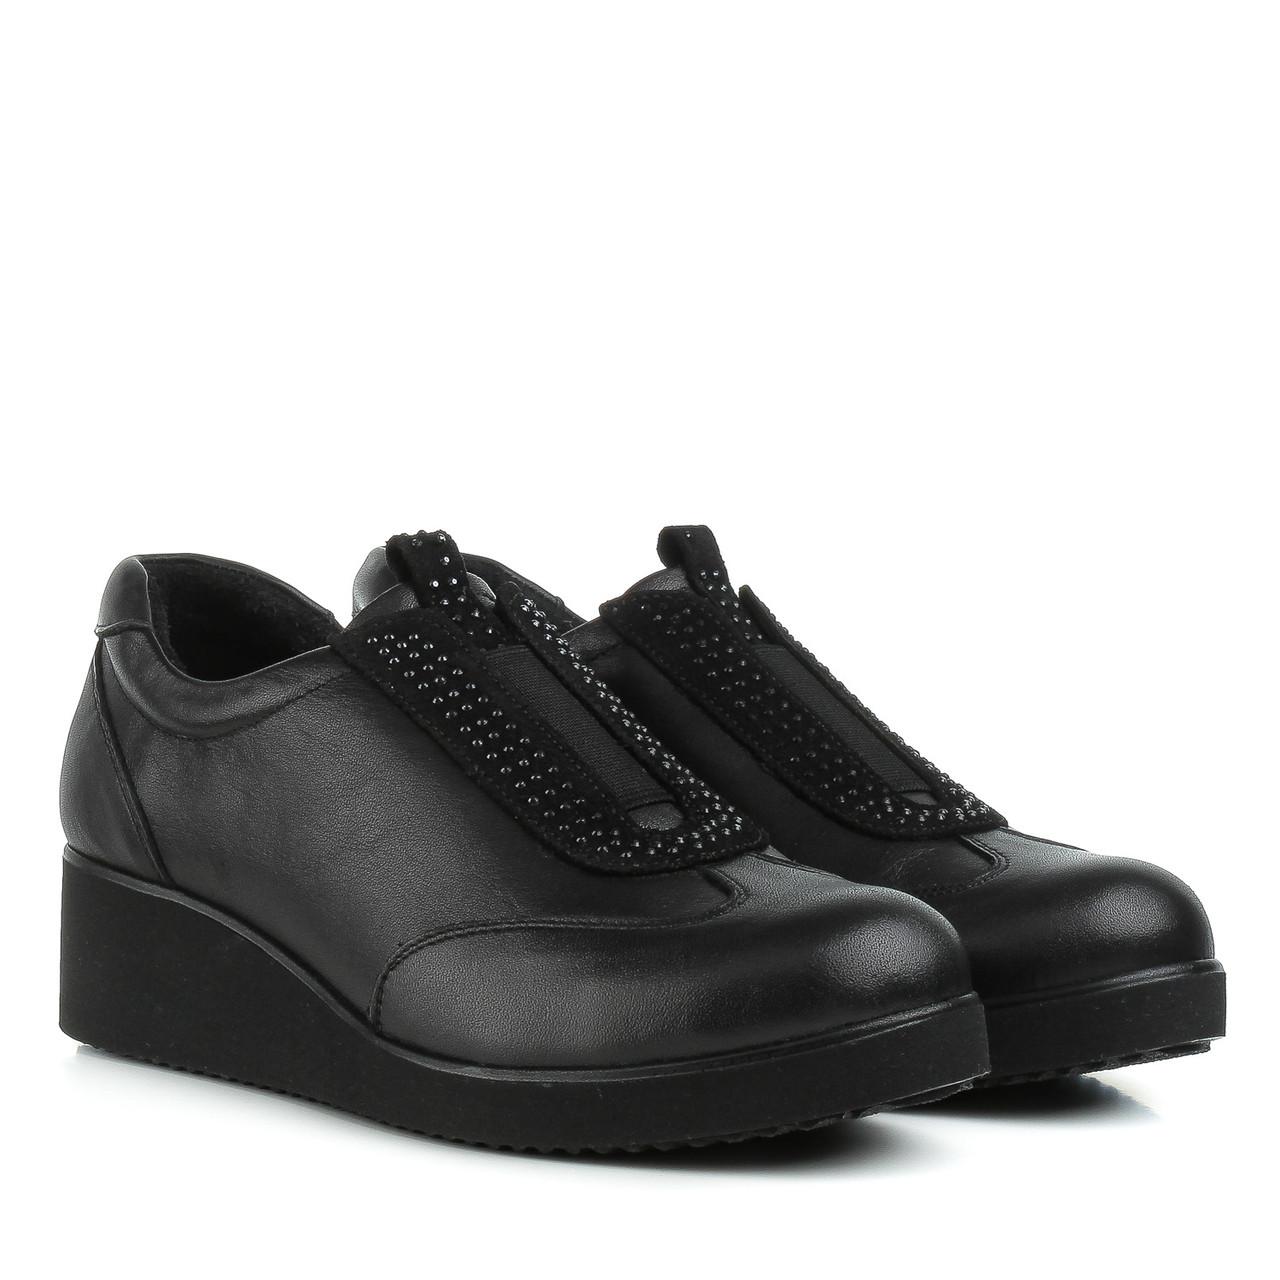 Туфли женские RIPKA (удобные, качественные, натуральные)